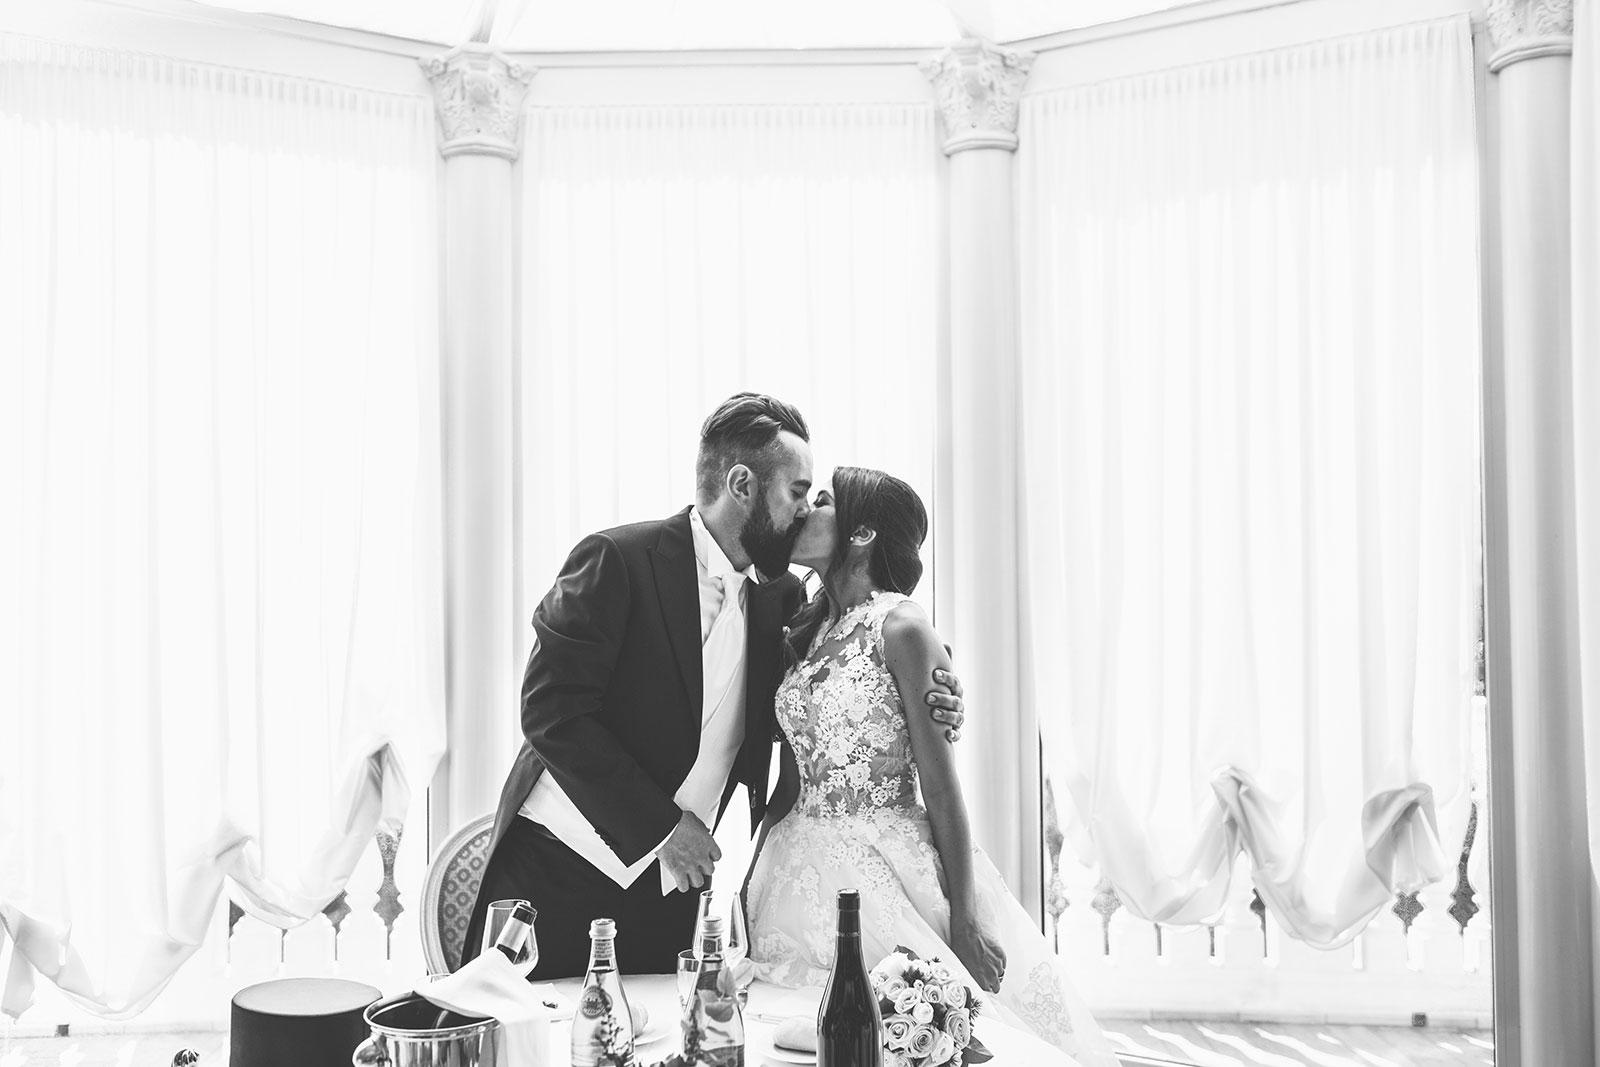 Un giorno Felice - A Happy Wedding Day